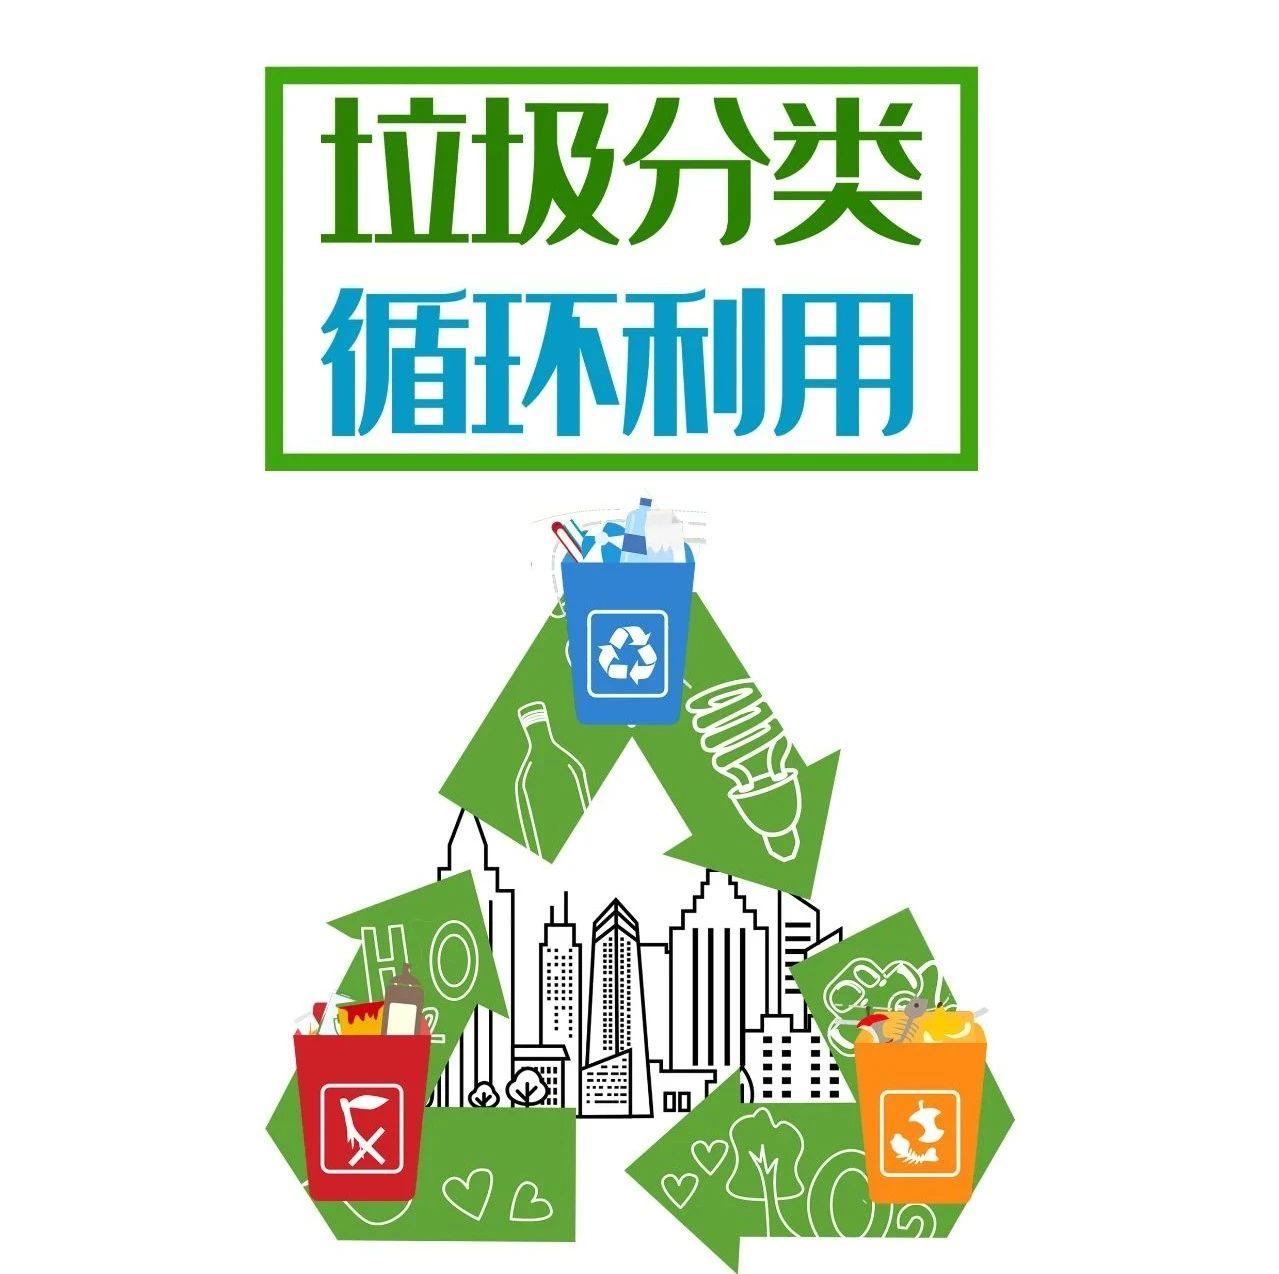 【文明健康 有你有我】公益广告——垃圾分类 循环利用